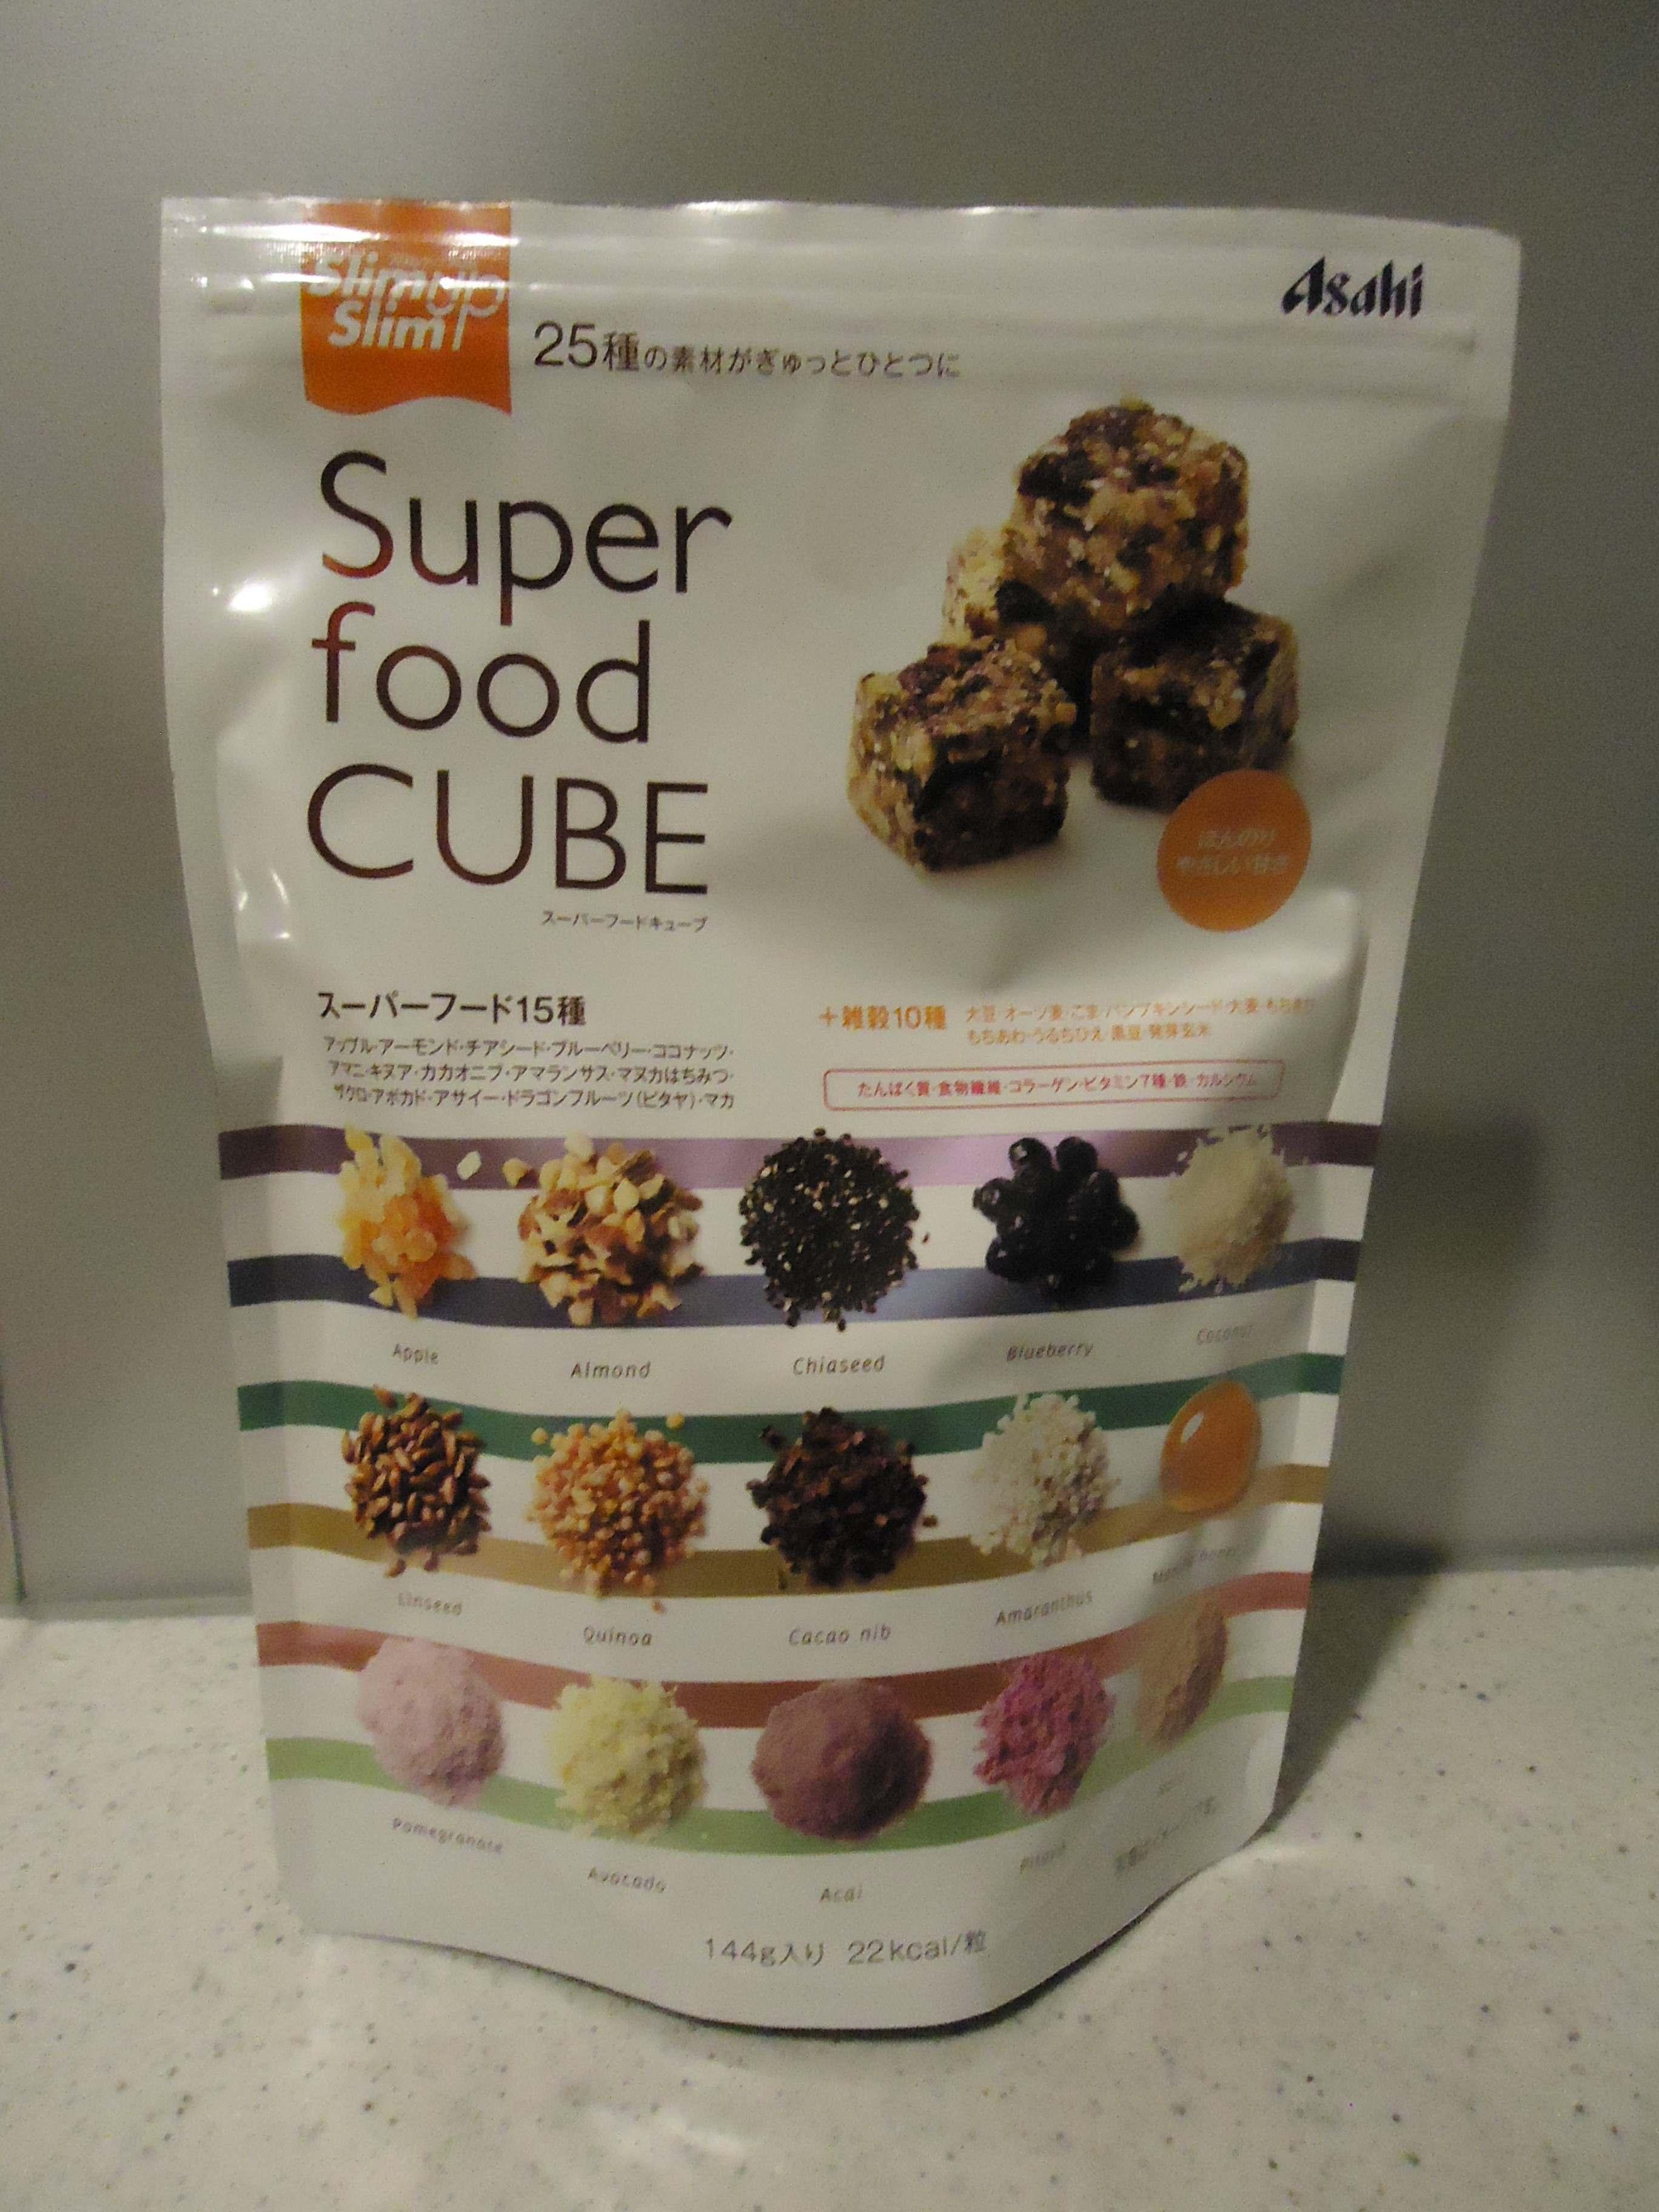 【間食で美活】1粒に25種類の食材が!「スーパーフードキューブ」